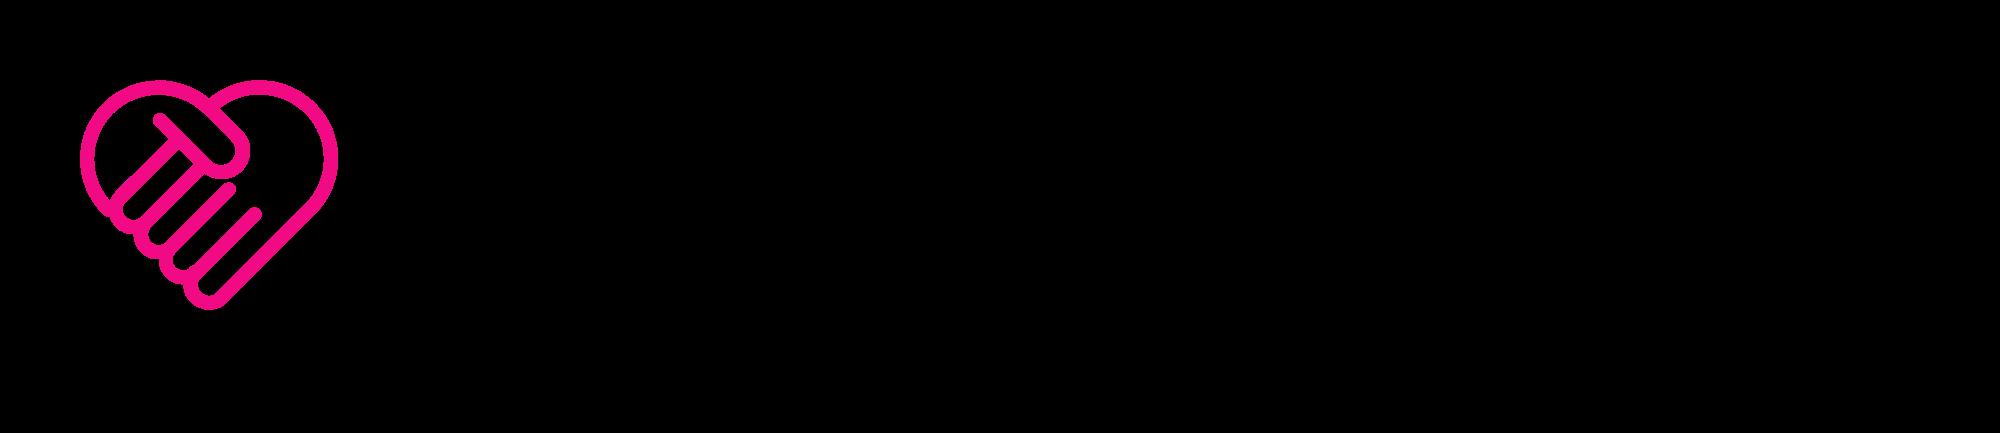 長崎県佐世保の行政書士事務所